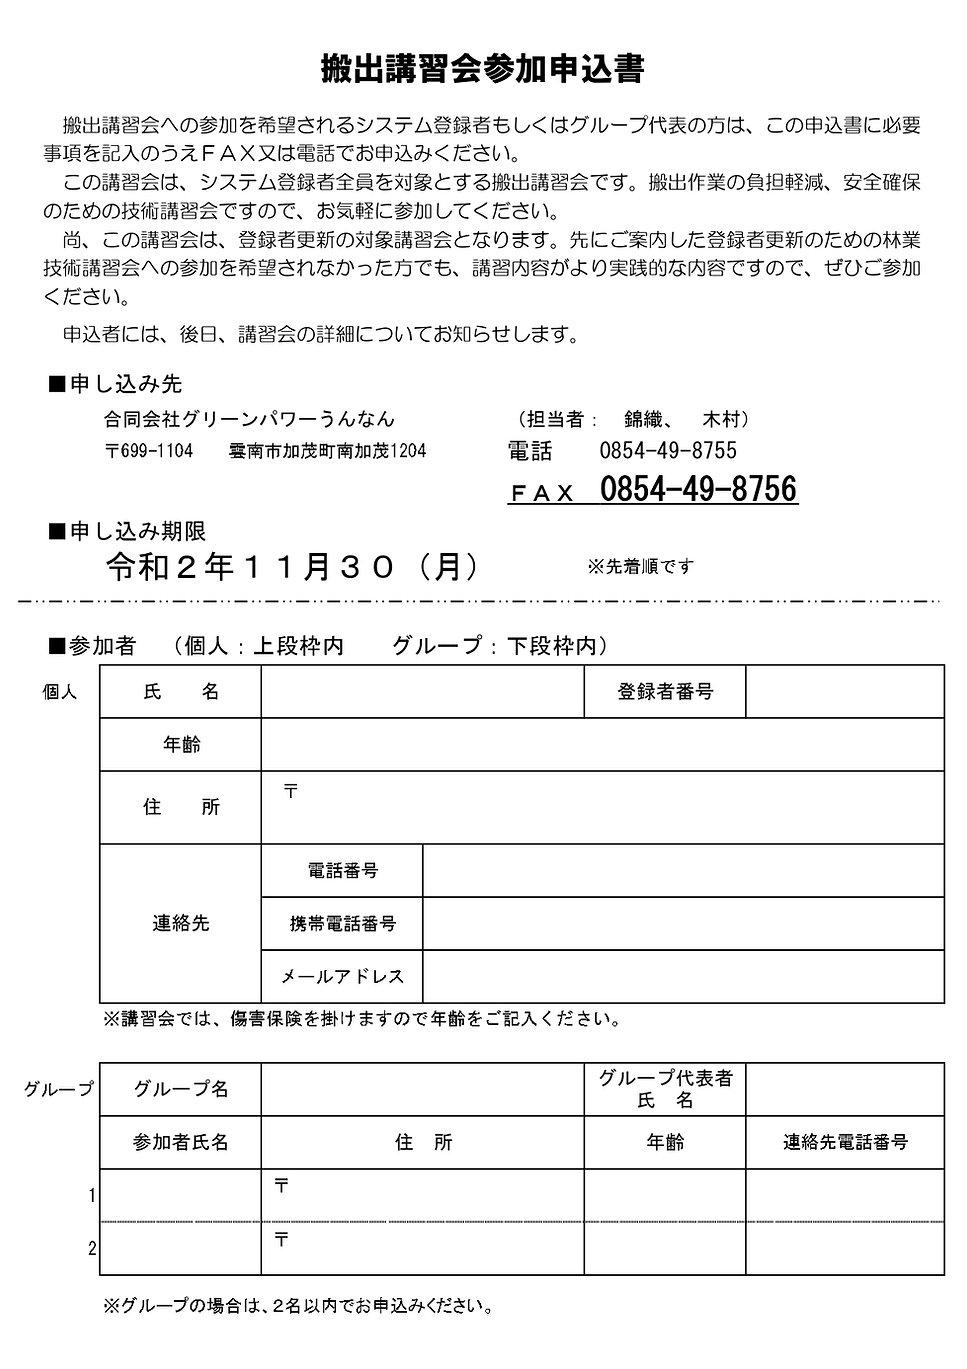 20201208搬出講習会チラシ_page-0002.jpg